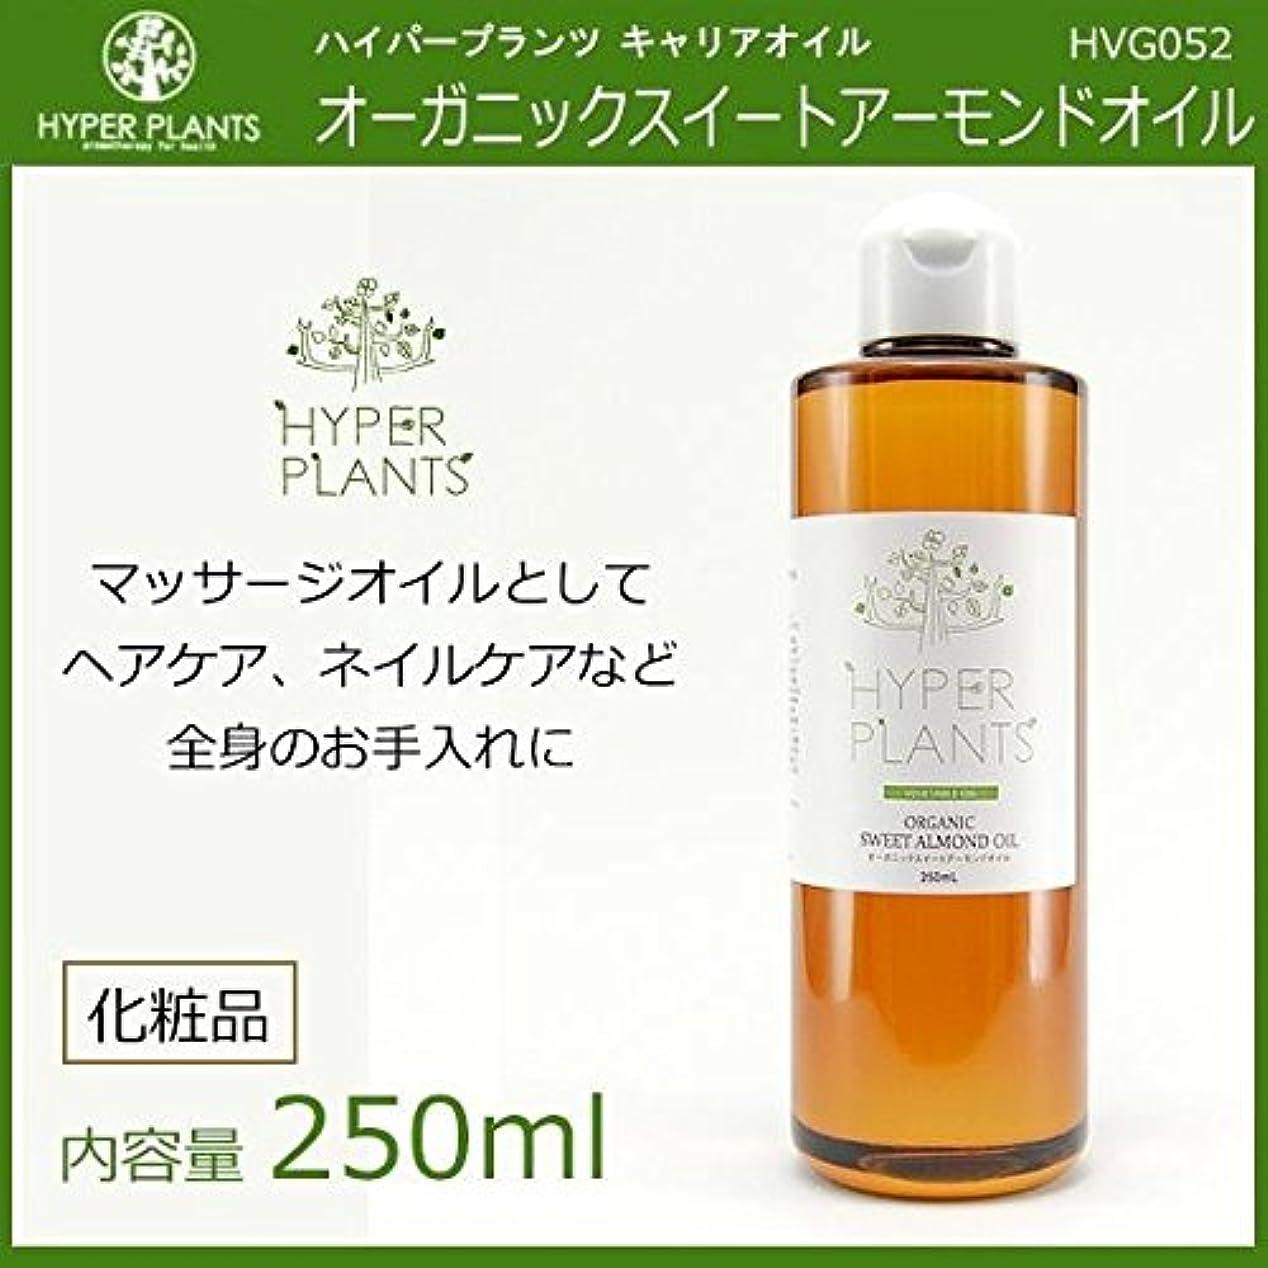 確かめる修理工賞HYPER PLANTS ハイパープランツ キャリアオイル オーガニックスイートアーモンドオイル 250ml HVG052